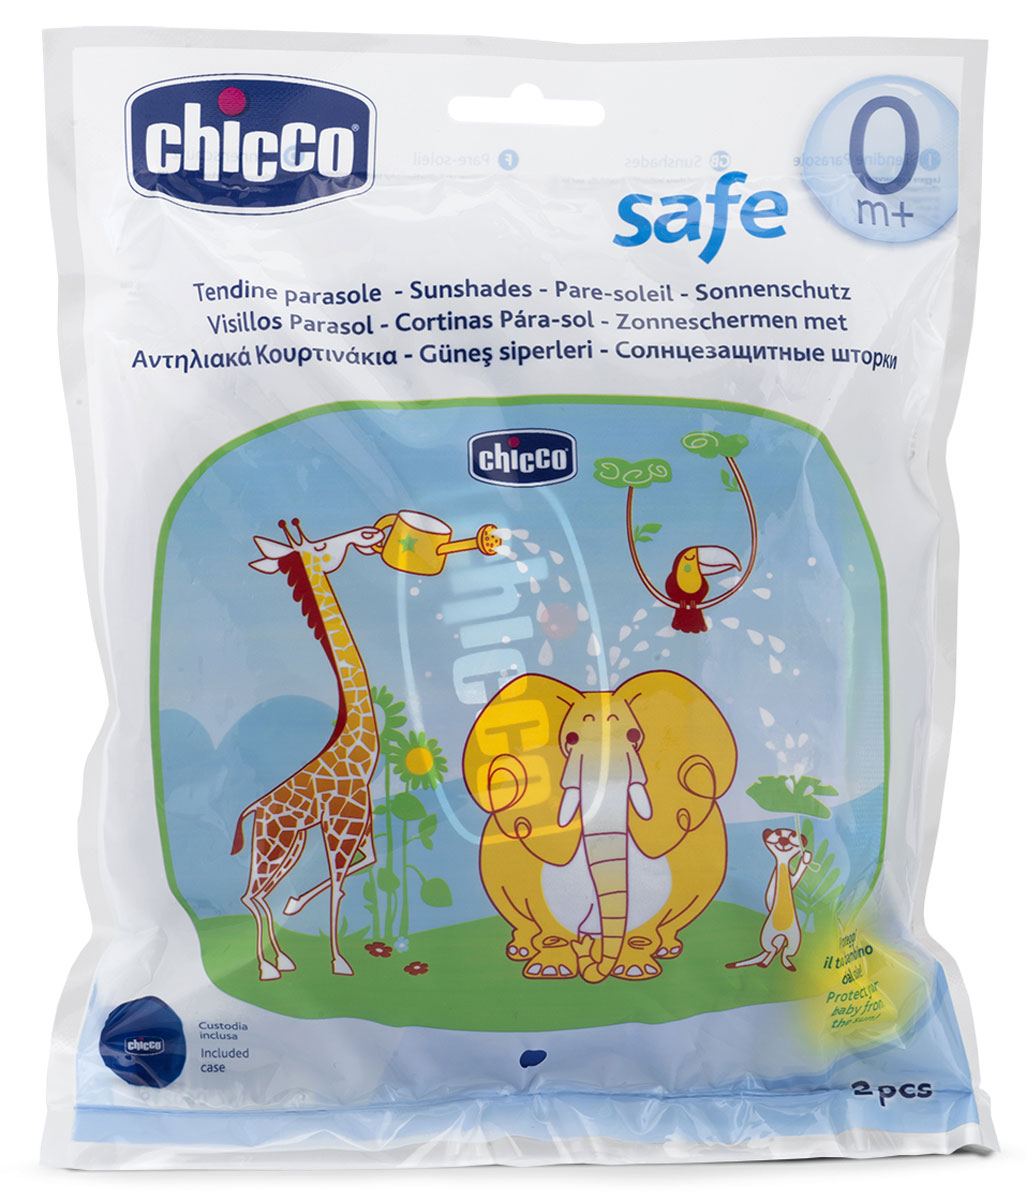 Chicco Солнцезащитная шторка для автомобиля 2 шт94672Солнцезащитную шторку для автомобиля Chicco можно установить на заднем стекле автомобиля при помощи резиновых присосок, которые входят в комплект. Две резиновые присоски фиксируют шторку в нужной позиции. После использования сверните шторку и положите ее в специальную сумку.